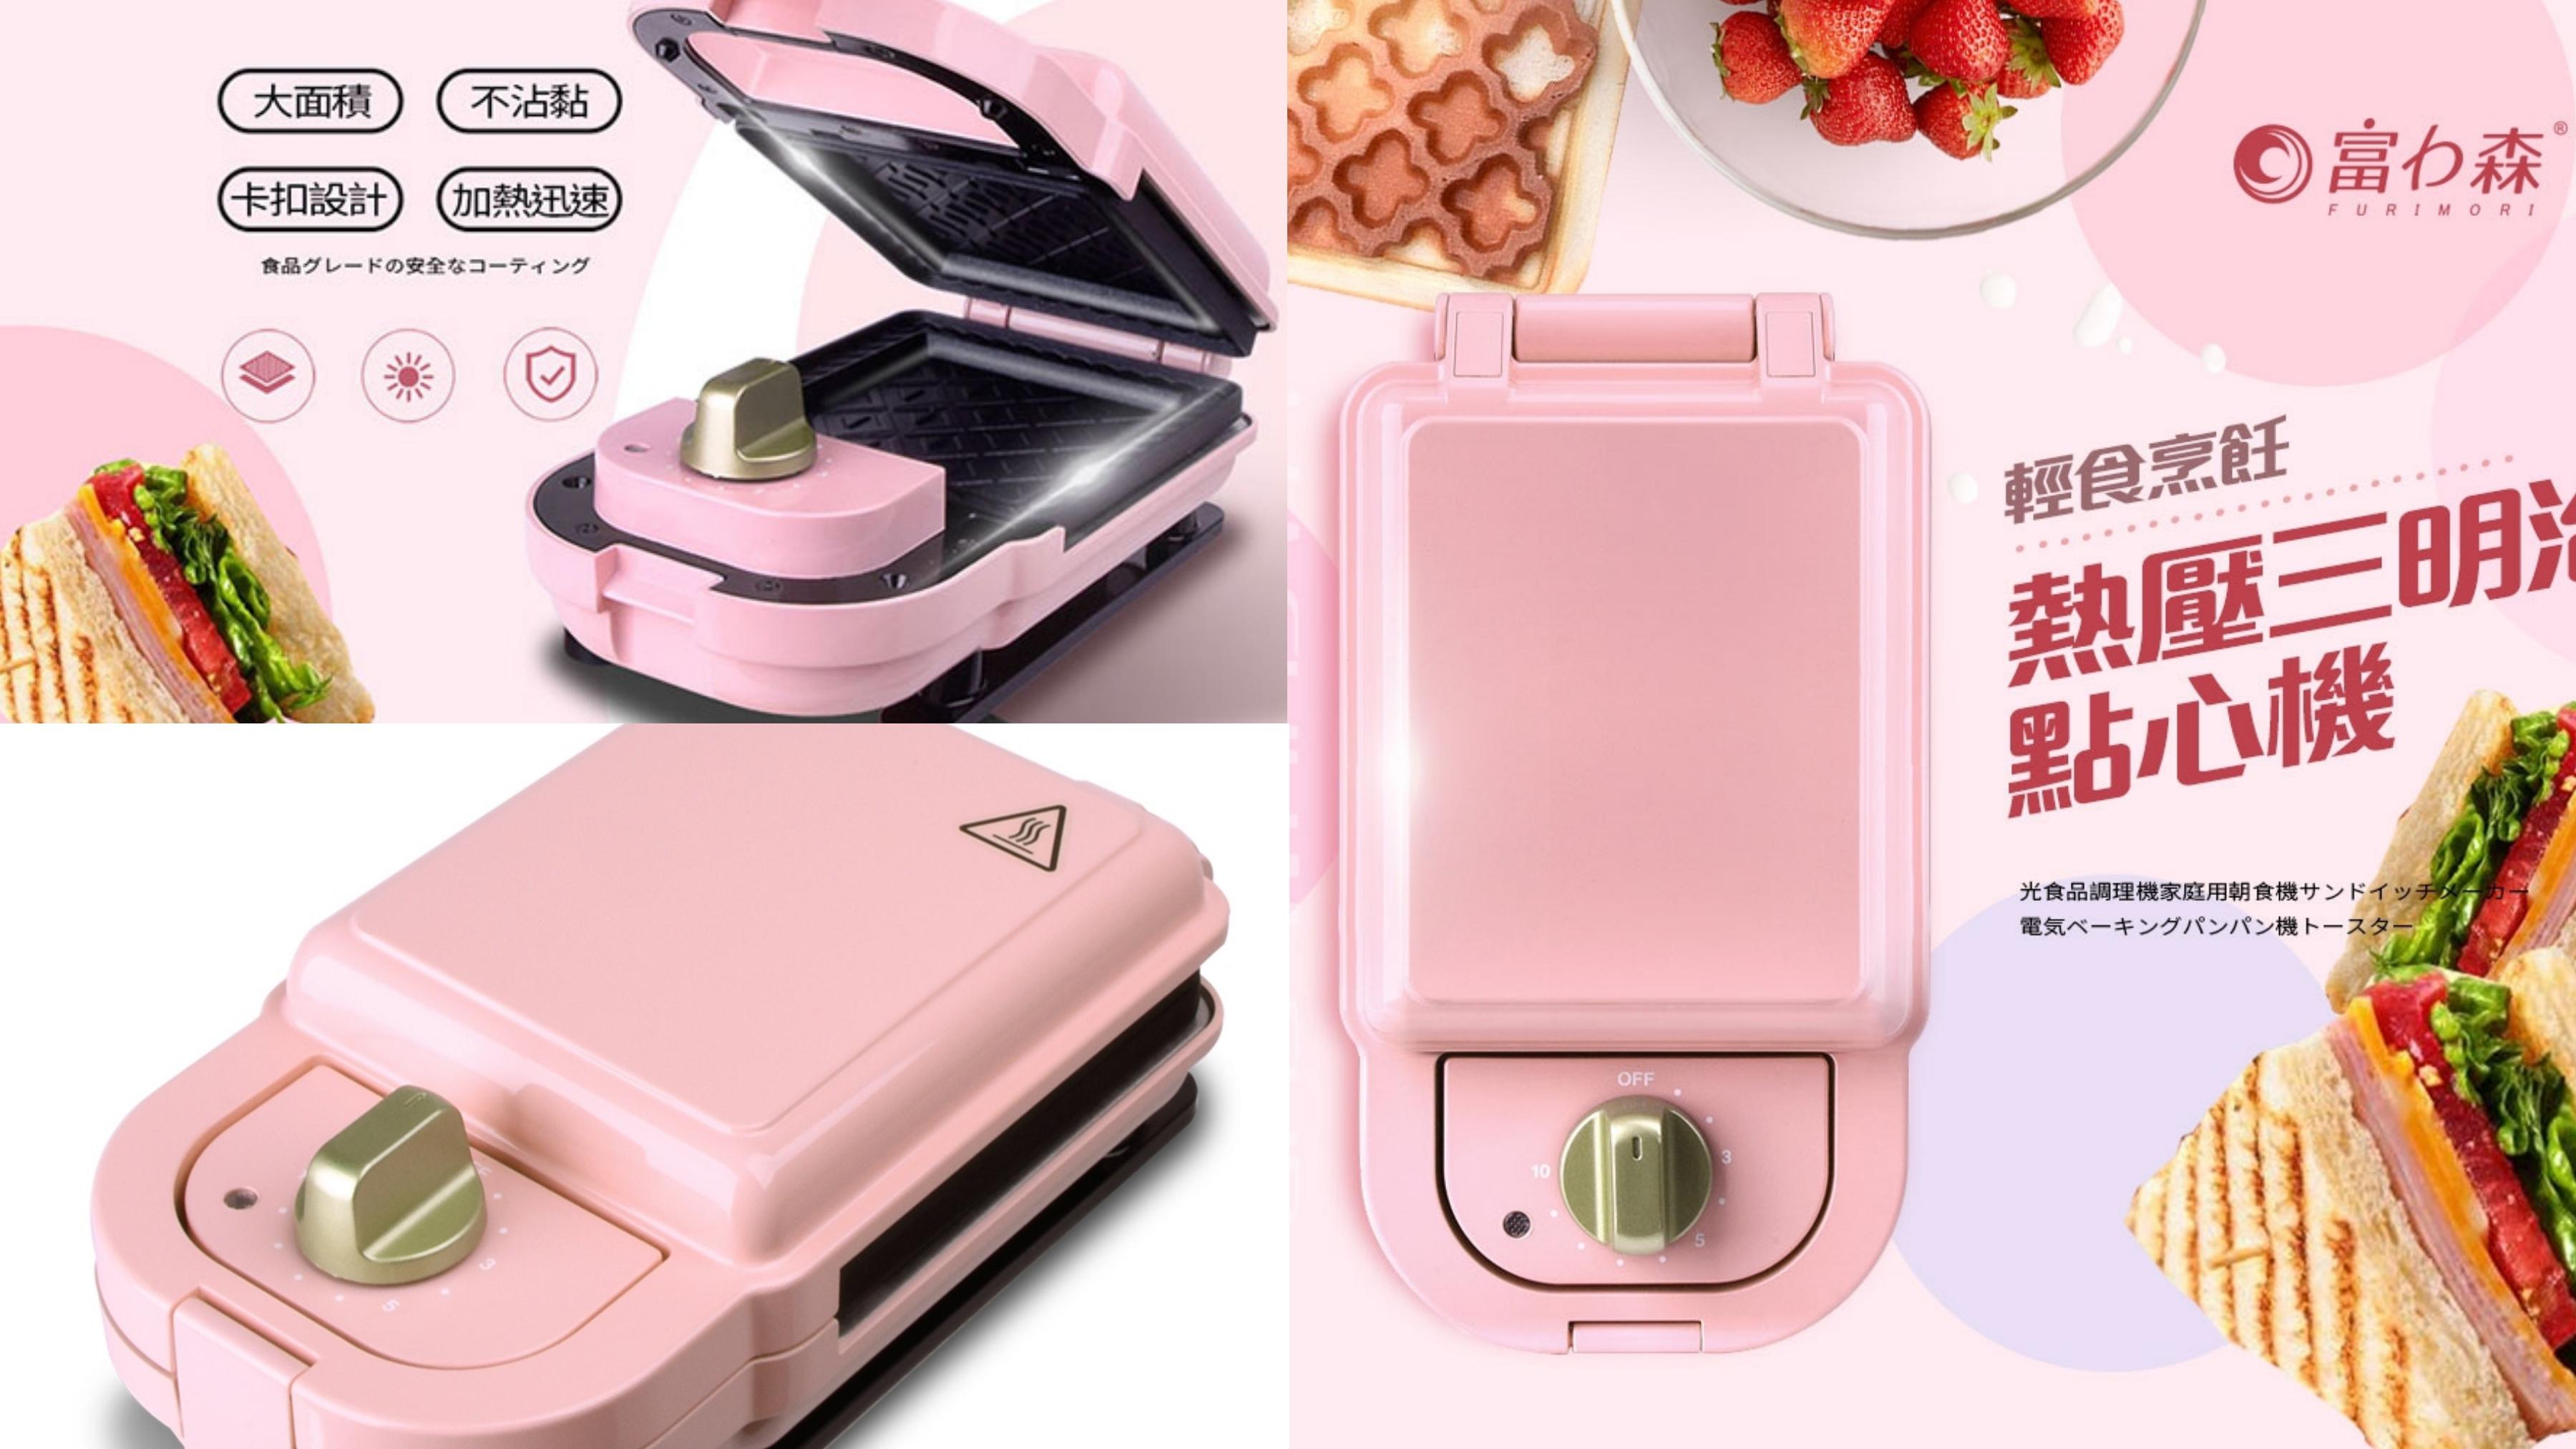 時尚粉色的優美外觀,烤盤可取下清洗、替換,定時加熱烘烤完成即可享用